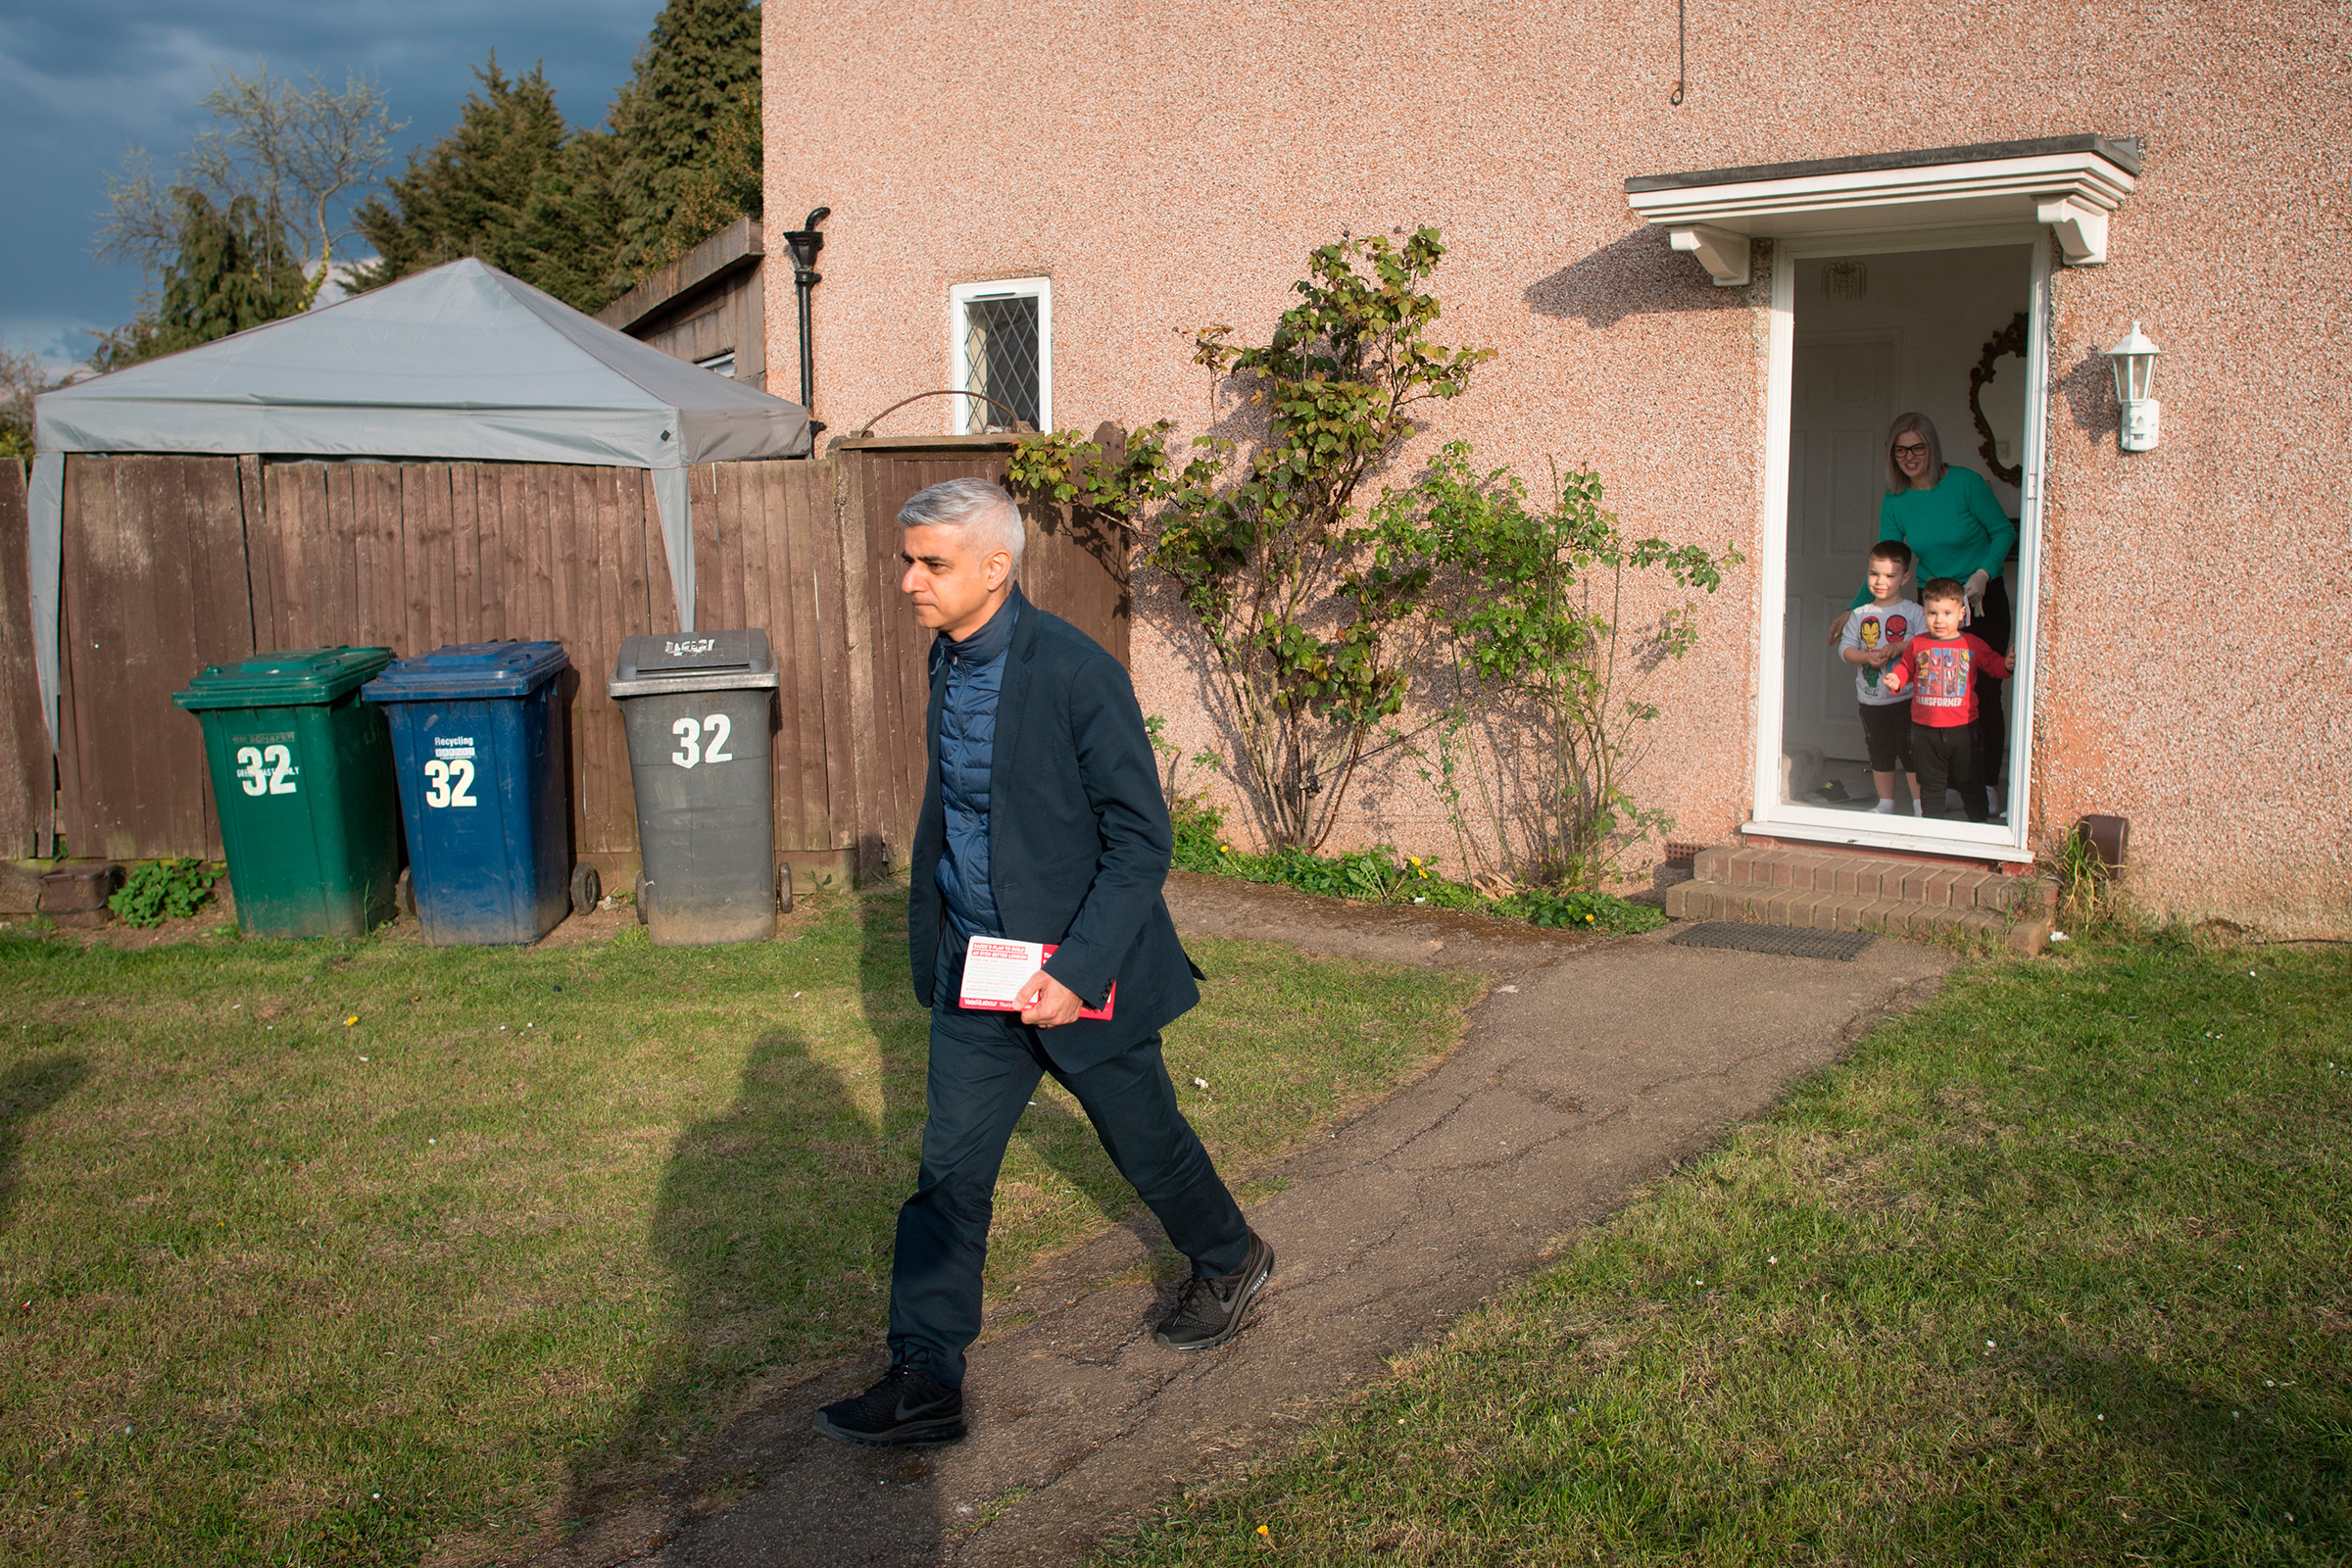 Khan canvasses door-to-door in Barnet, North London, on April 30